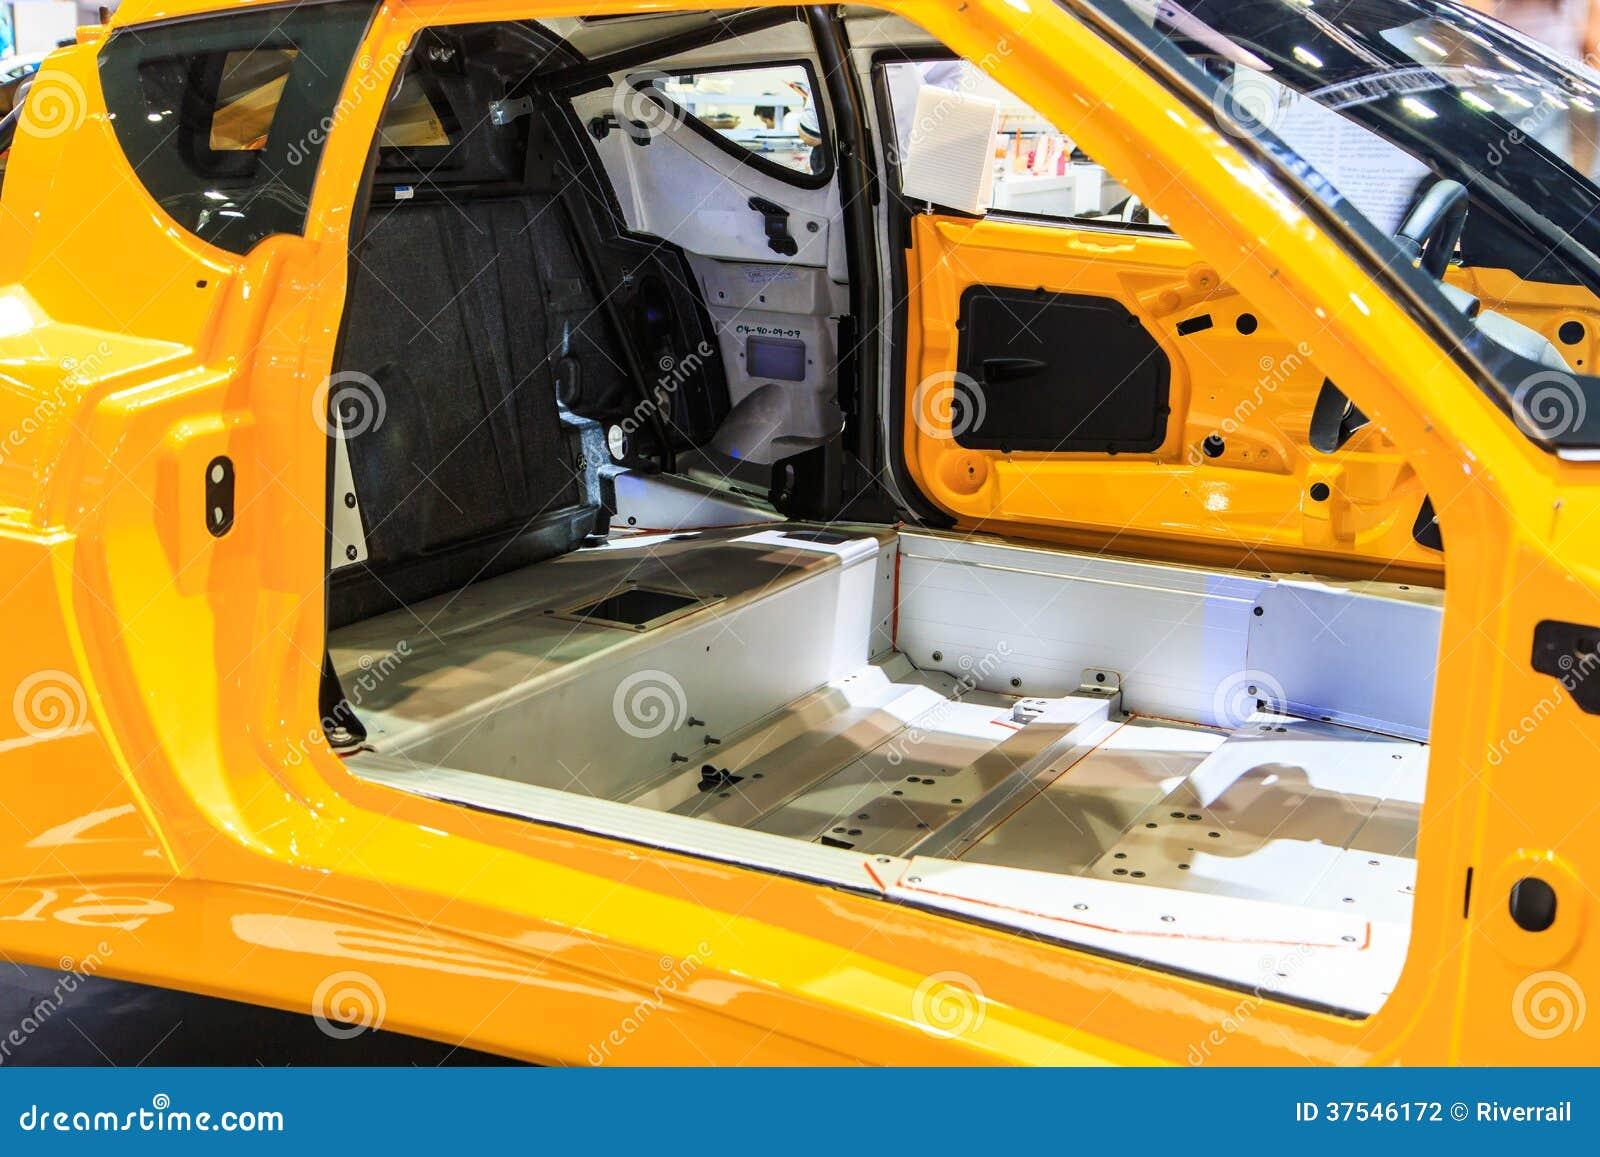 L 39 int rieur du corps d 39 une voiture photographie stock for A l interieur d une voiture